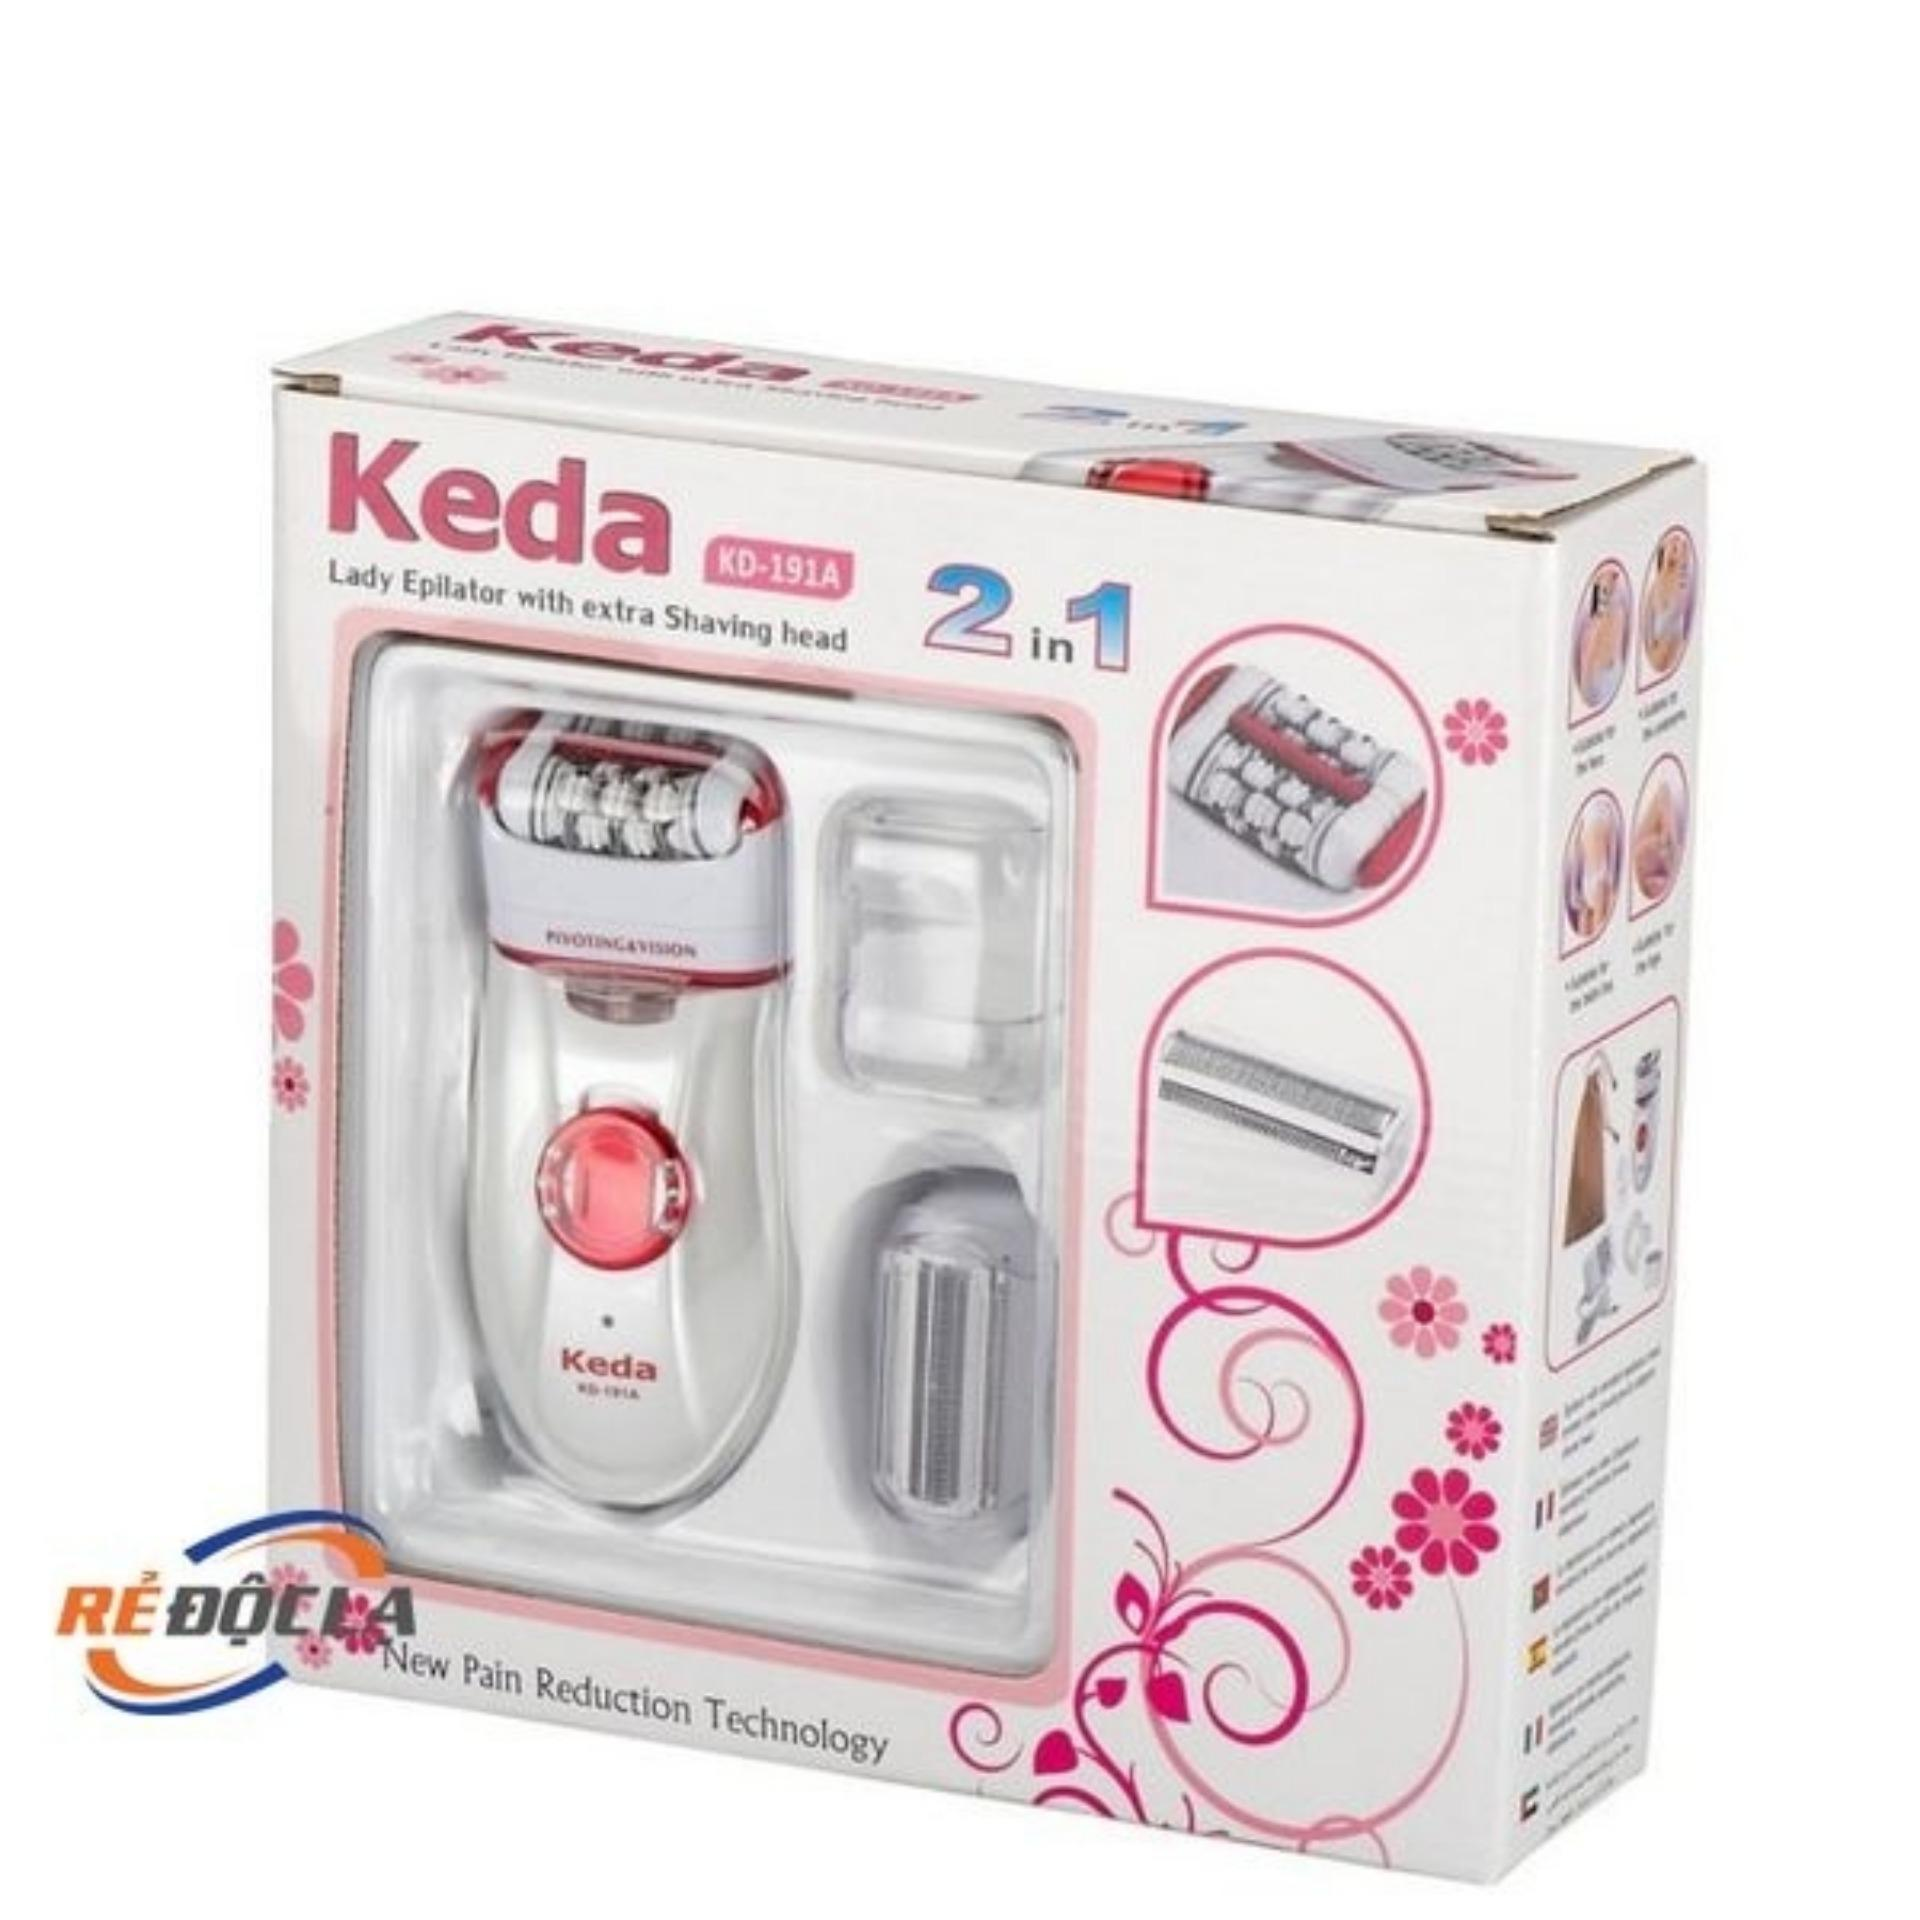 Hình ảnh Máy nhổ lông, cạo lông Keda KD-191A- Better Shop